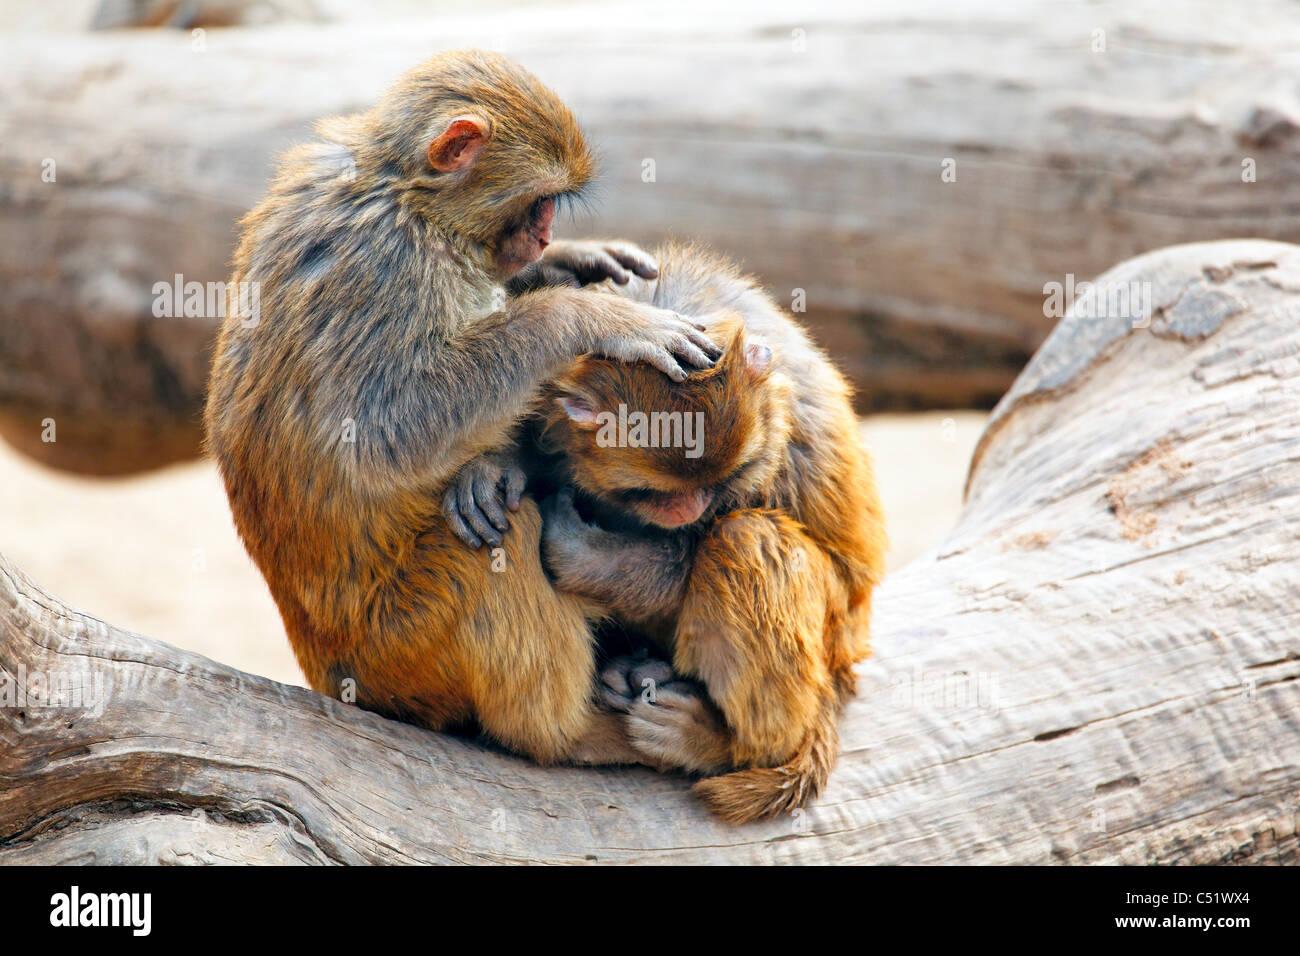 Dos monos Rhesus interactuando en un árbol, Quingling Zoológico de Montaña, Xian, Shaanxi, China Imagen De Stock